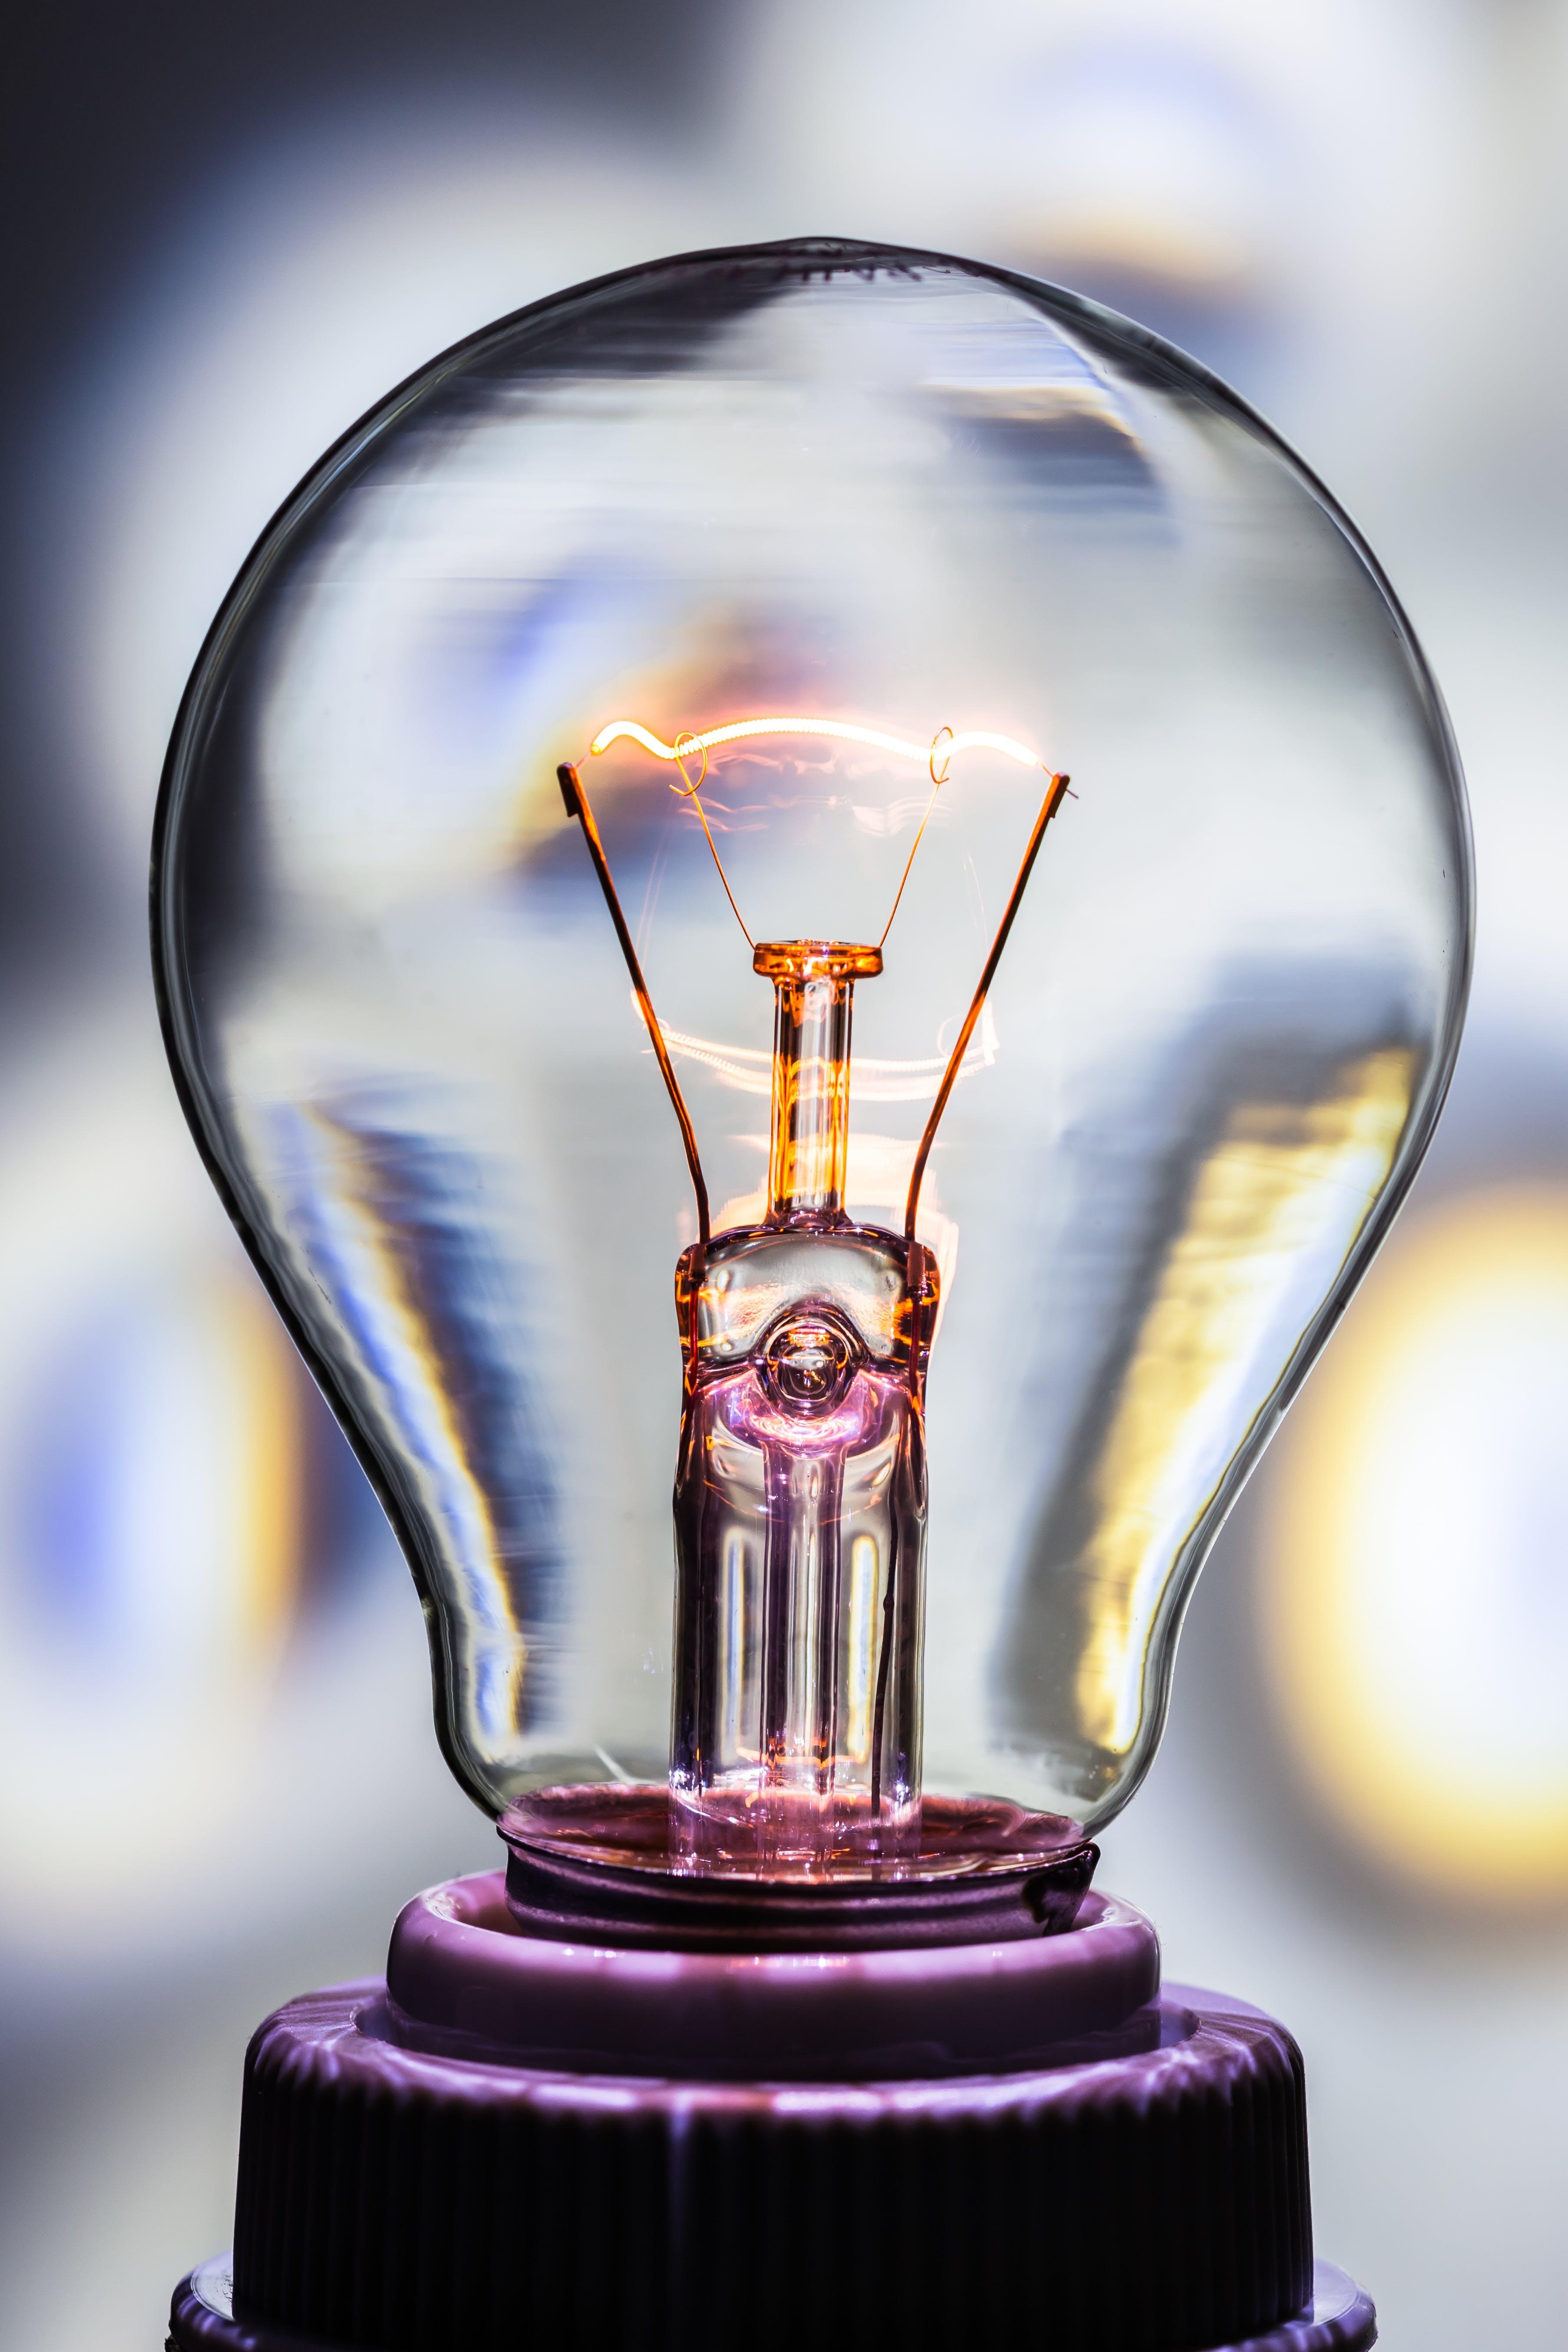 elektricitet, elektrisk gnist, elektronik